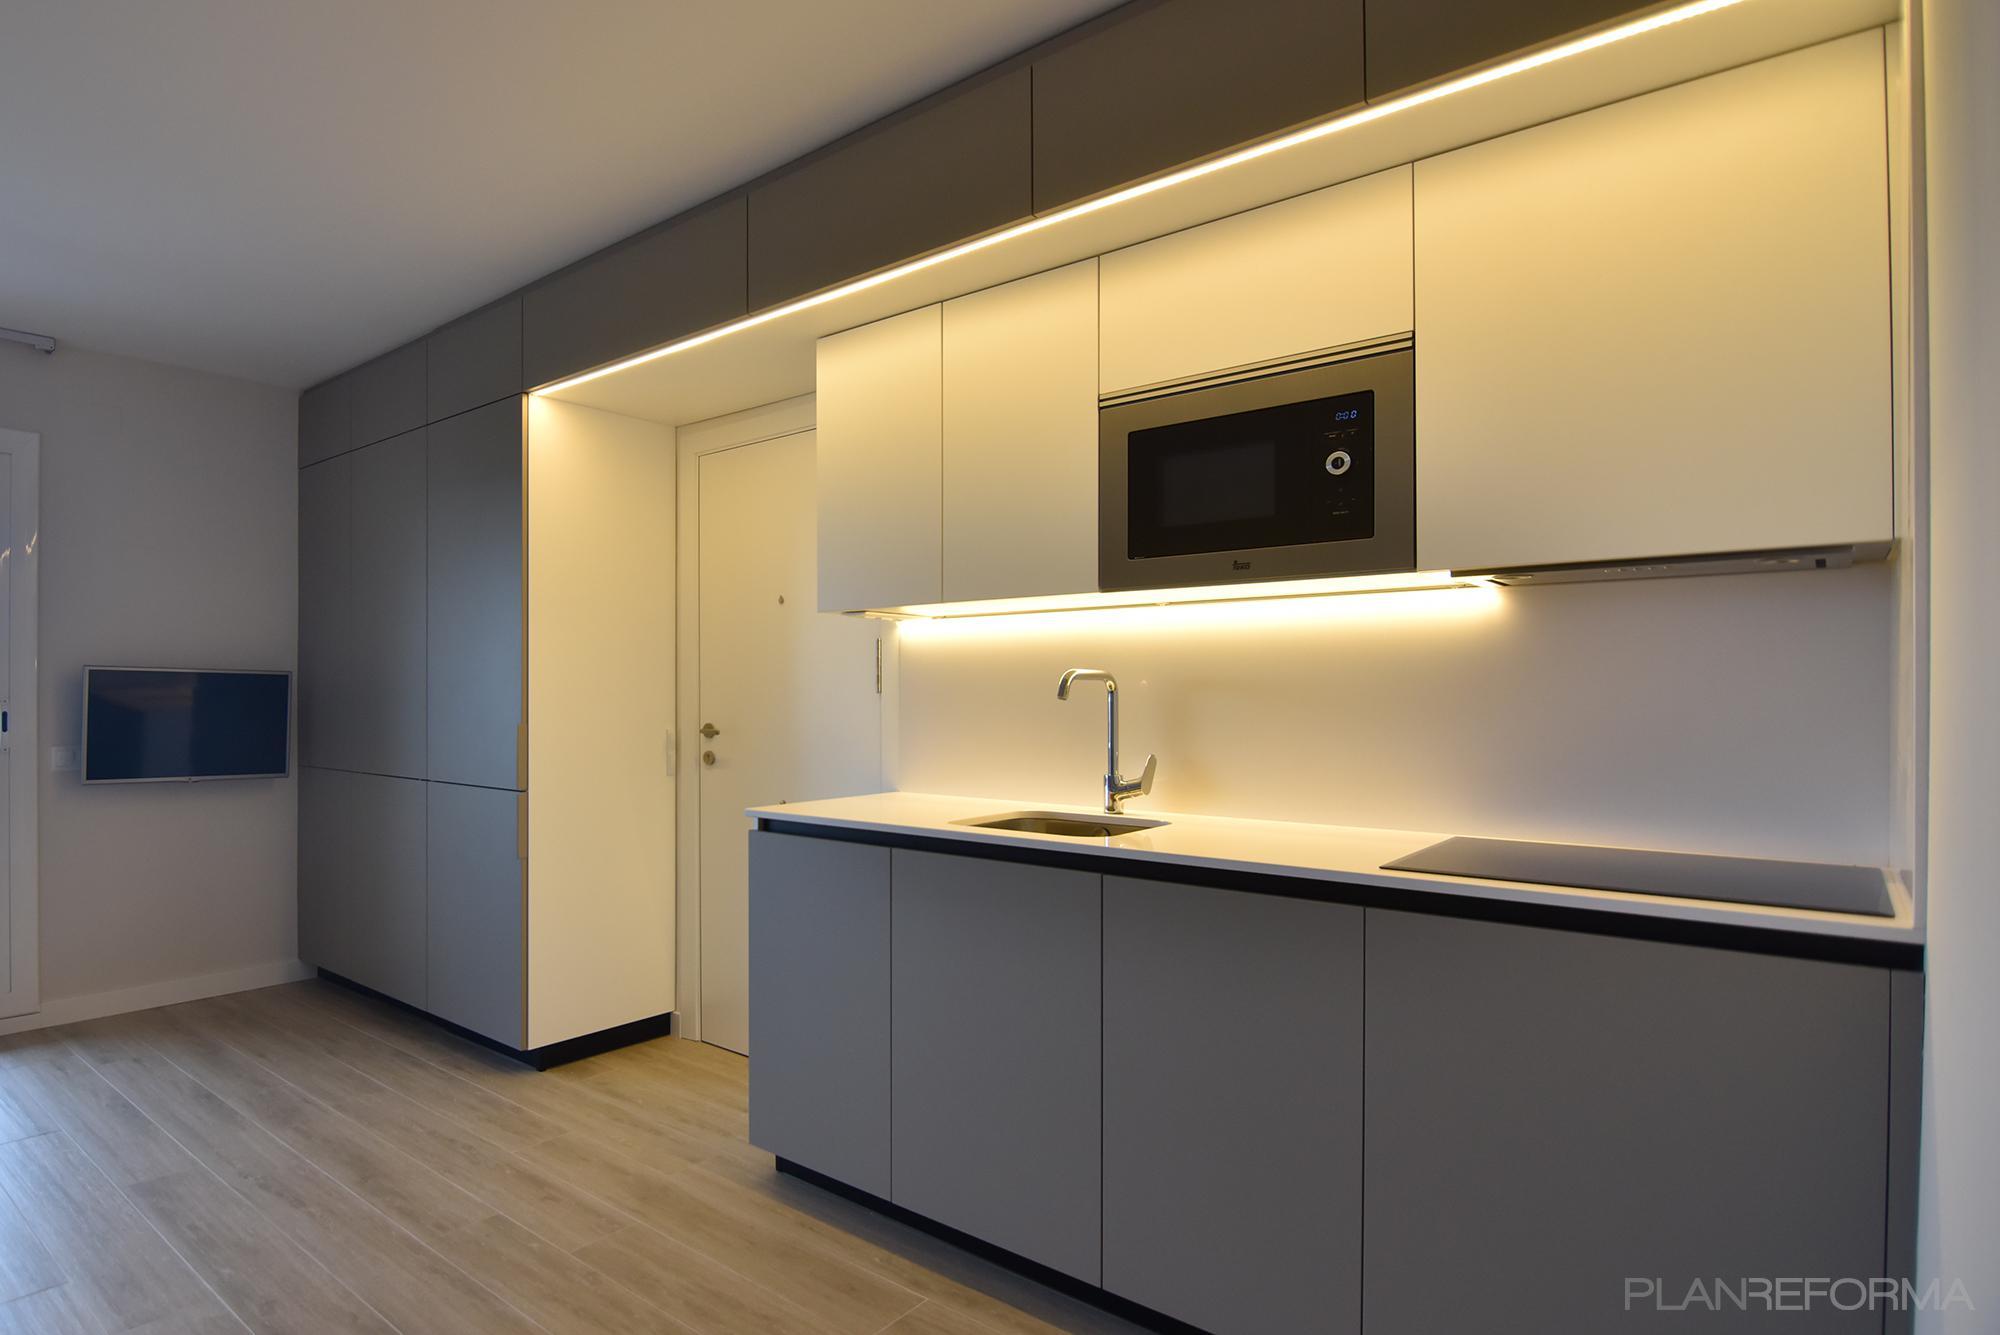 Recibidor cocina lavadero estilo moderno color marron for Cocina estilo moderno